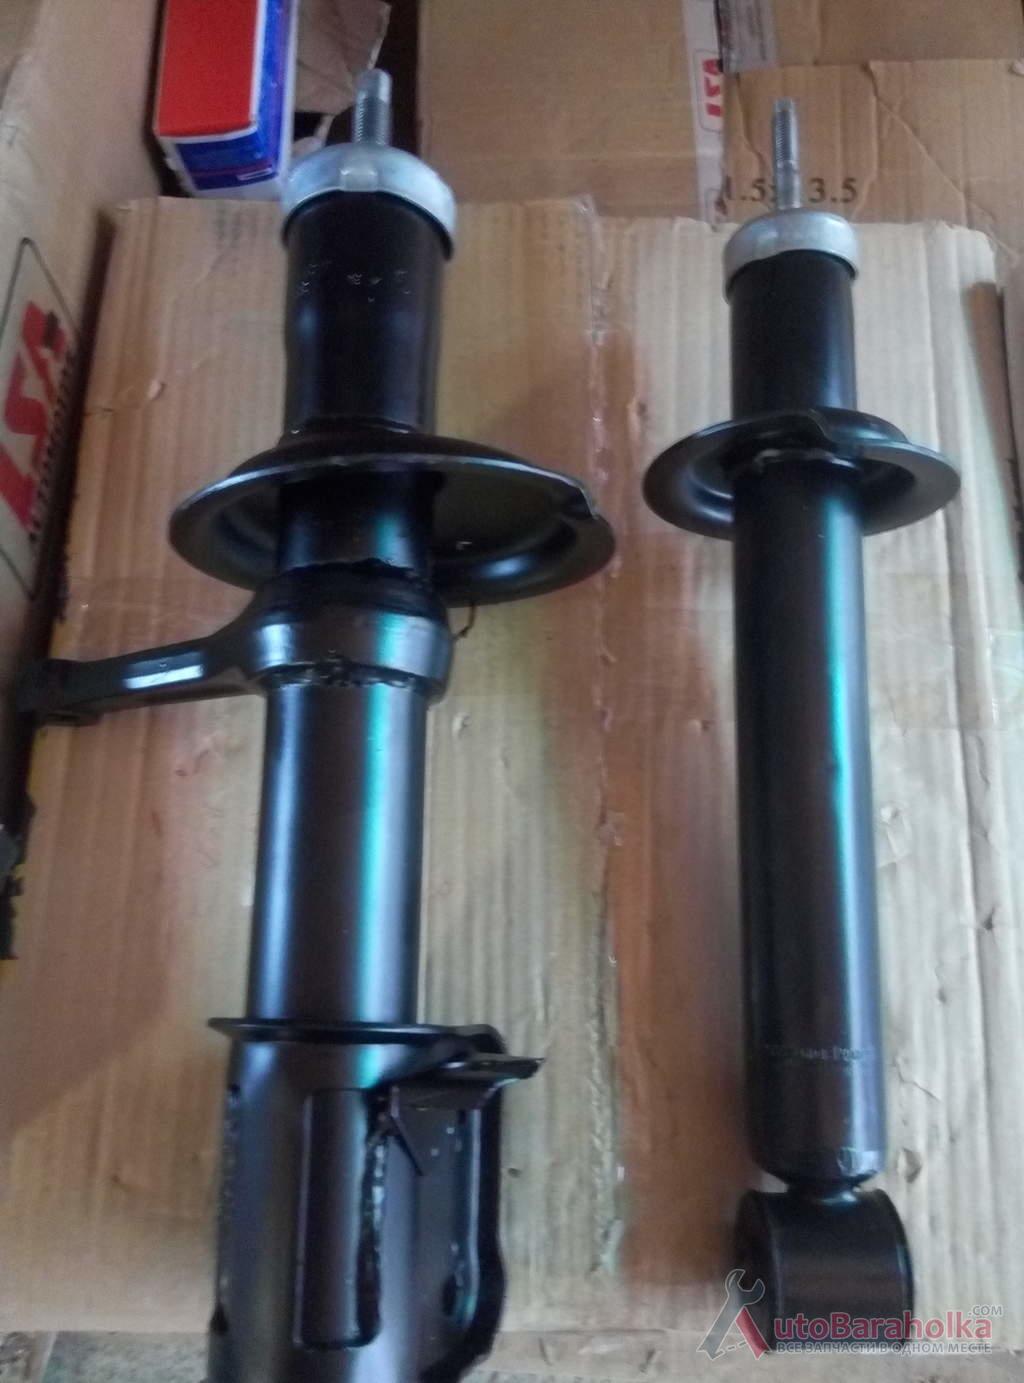 Продам амортизаторы стойки ВАЗ 2108-2109-2110-2111-2112-2114-2115-21117-21118-21119-2170 передние и задние одесса